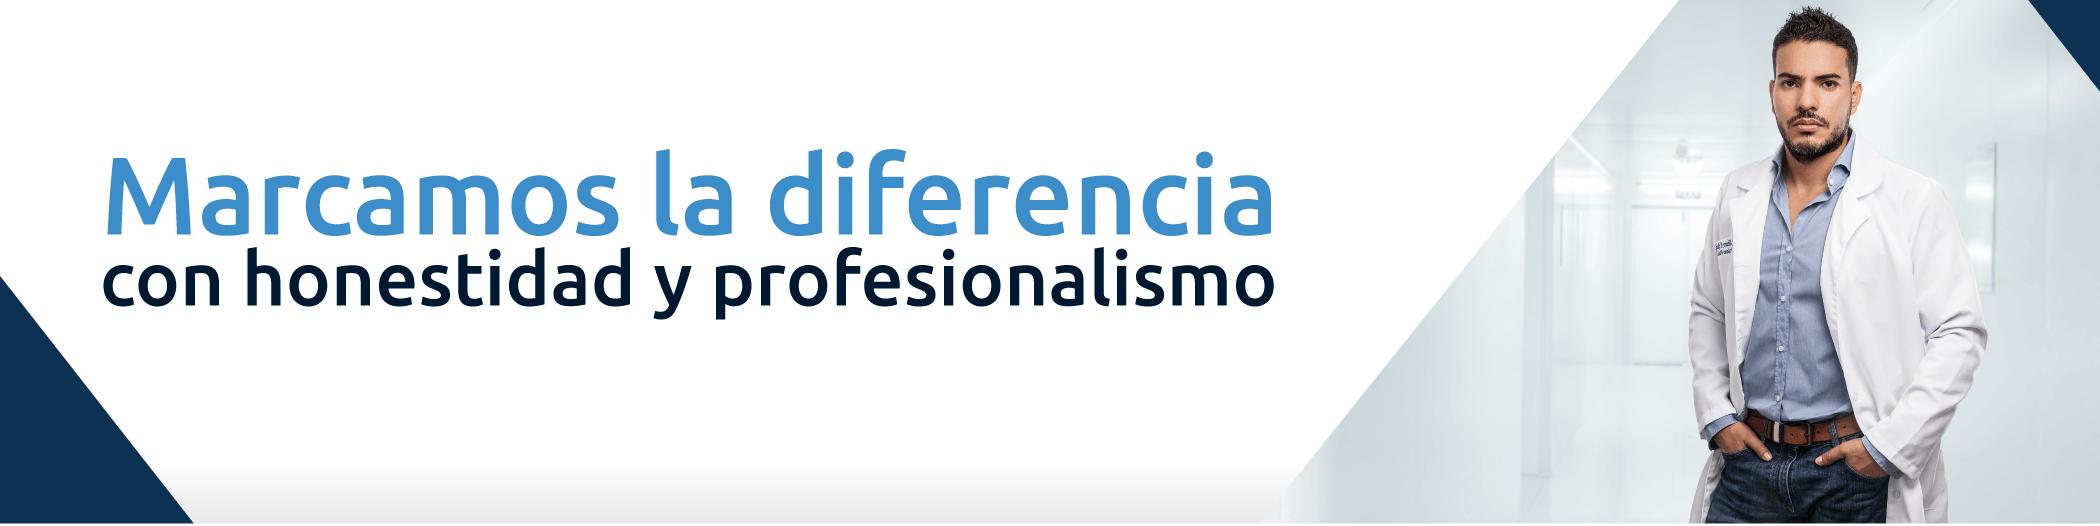 Marcamos la diferencia con honestidad y profesionalismo | CECM Colombia - Dr. Álvaro Hernán Rodriguez